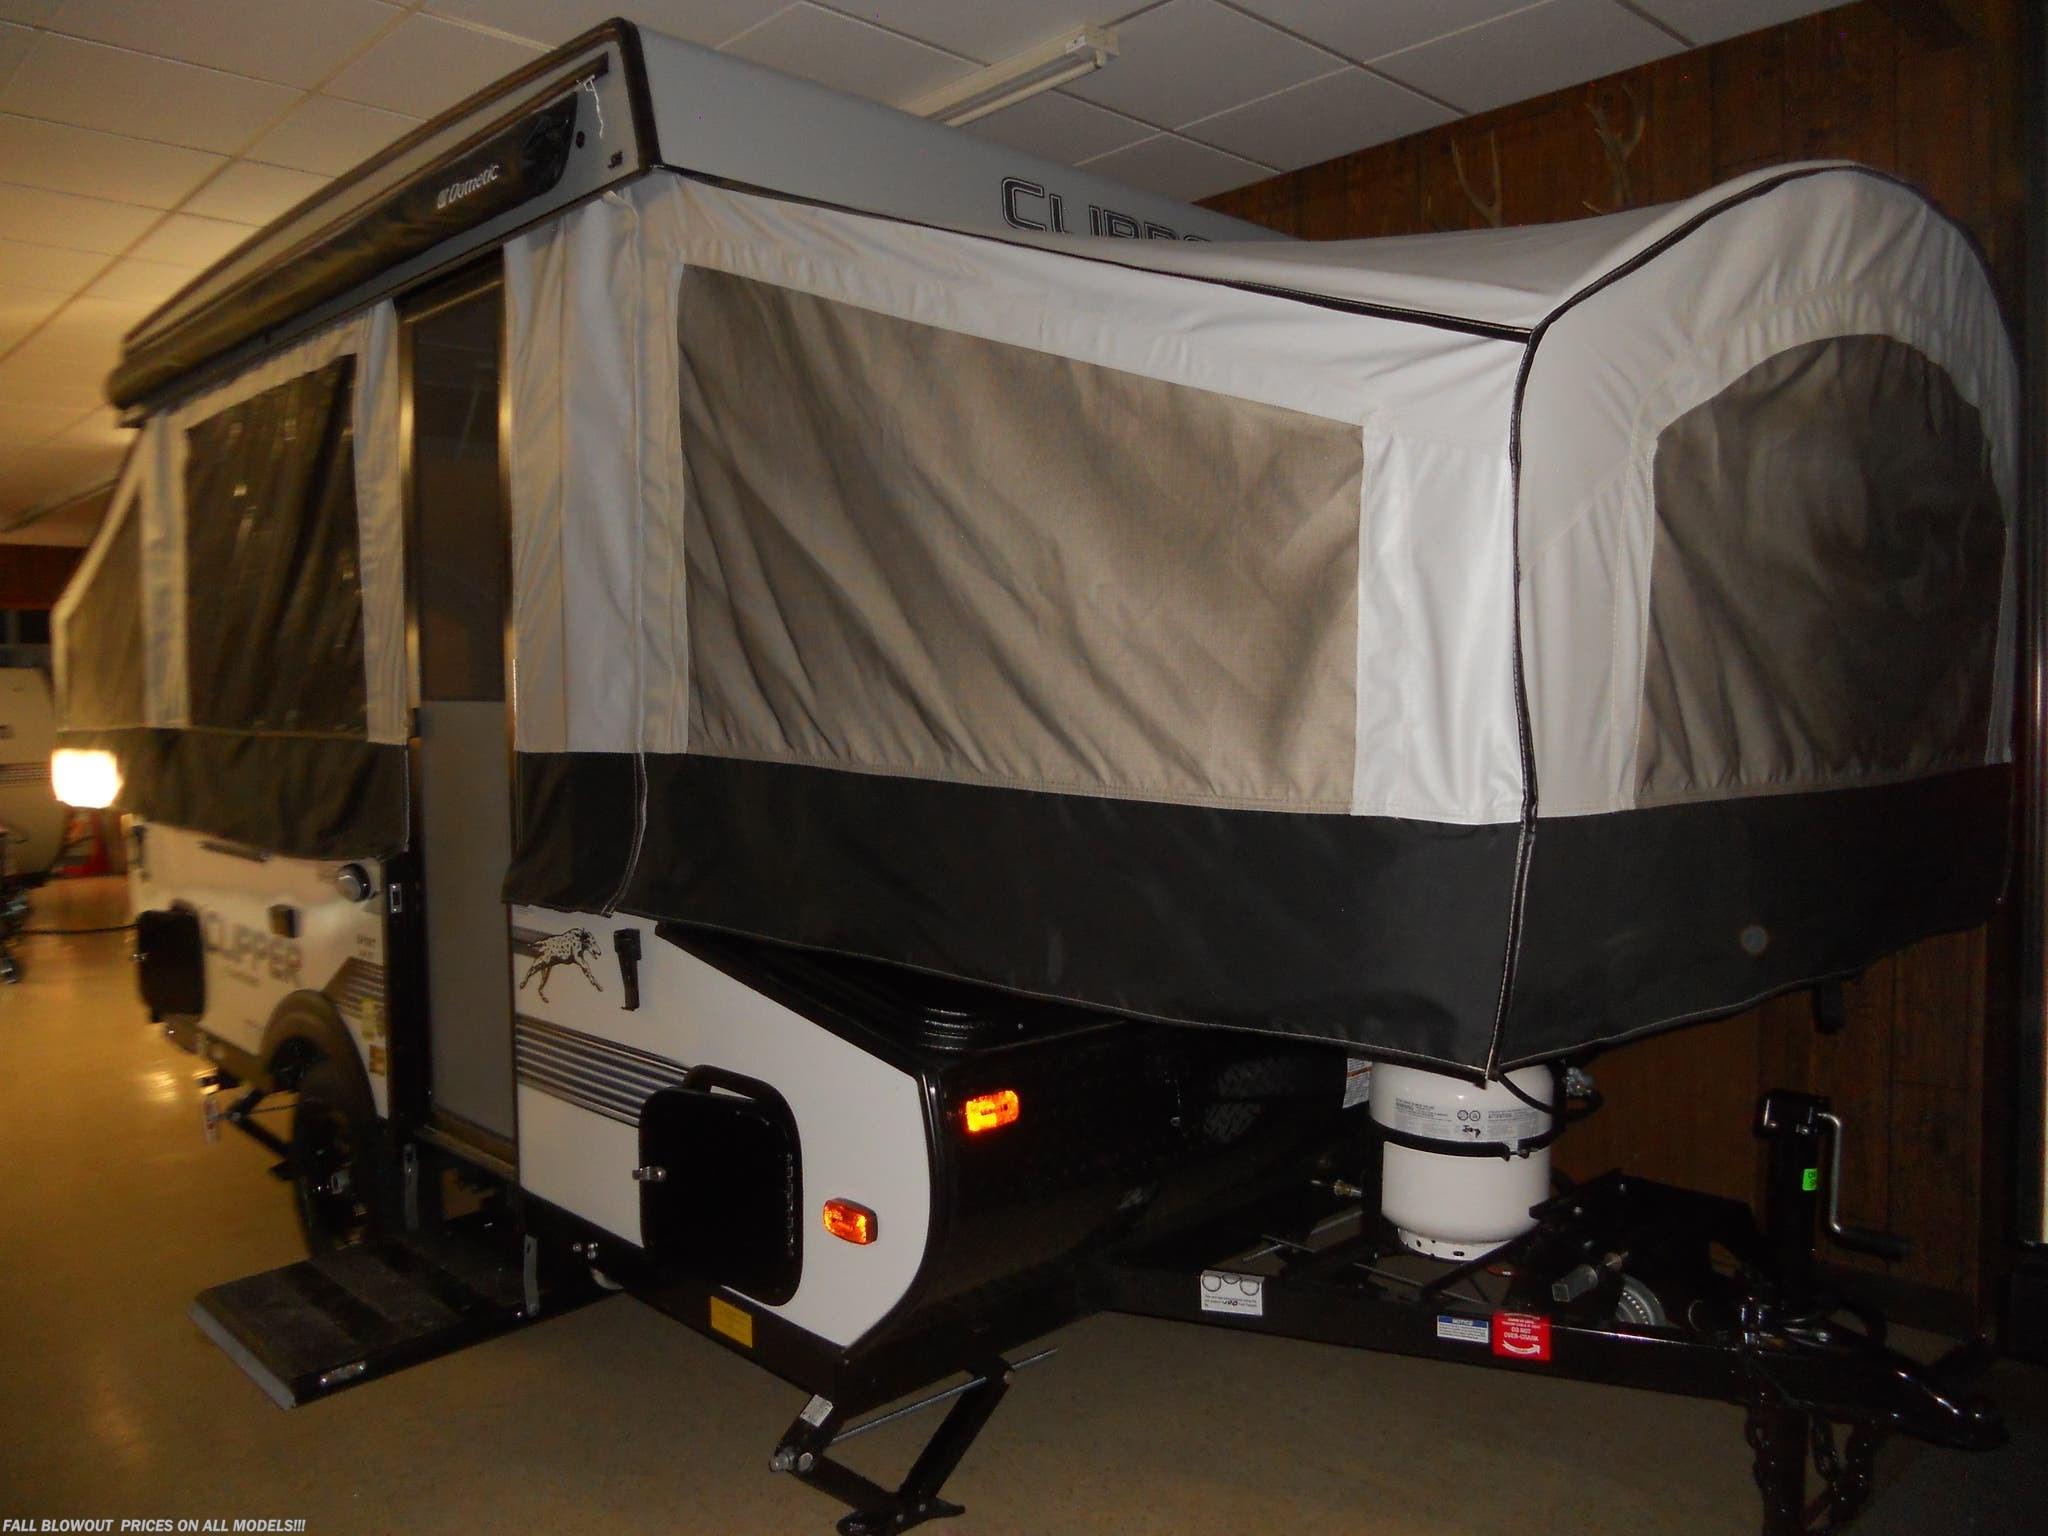 #20CL6572 - 2020 Coachmen Clipper Sport 108ST for sale in Greenleaf WI